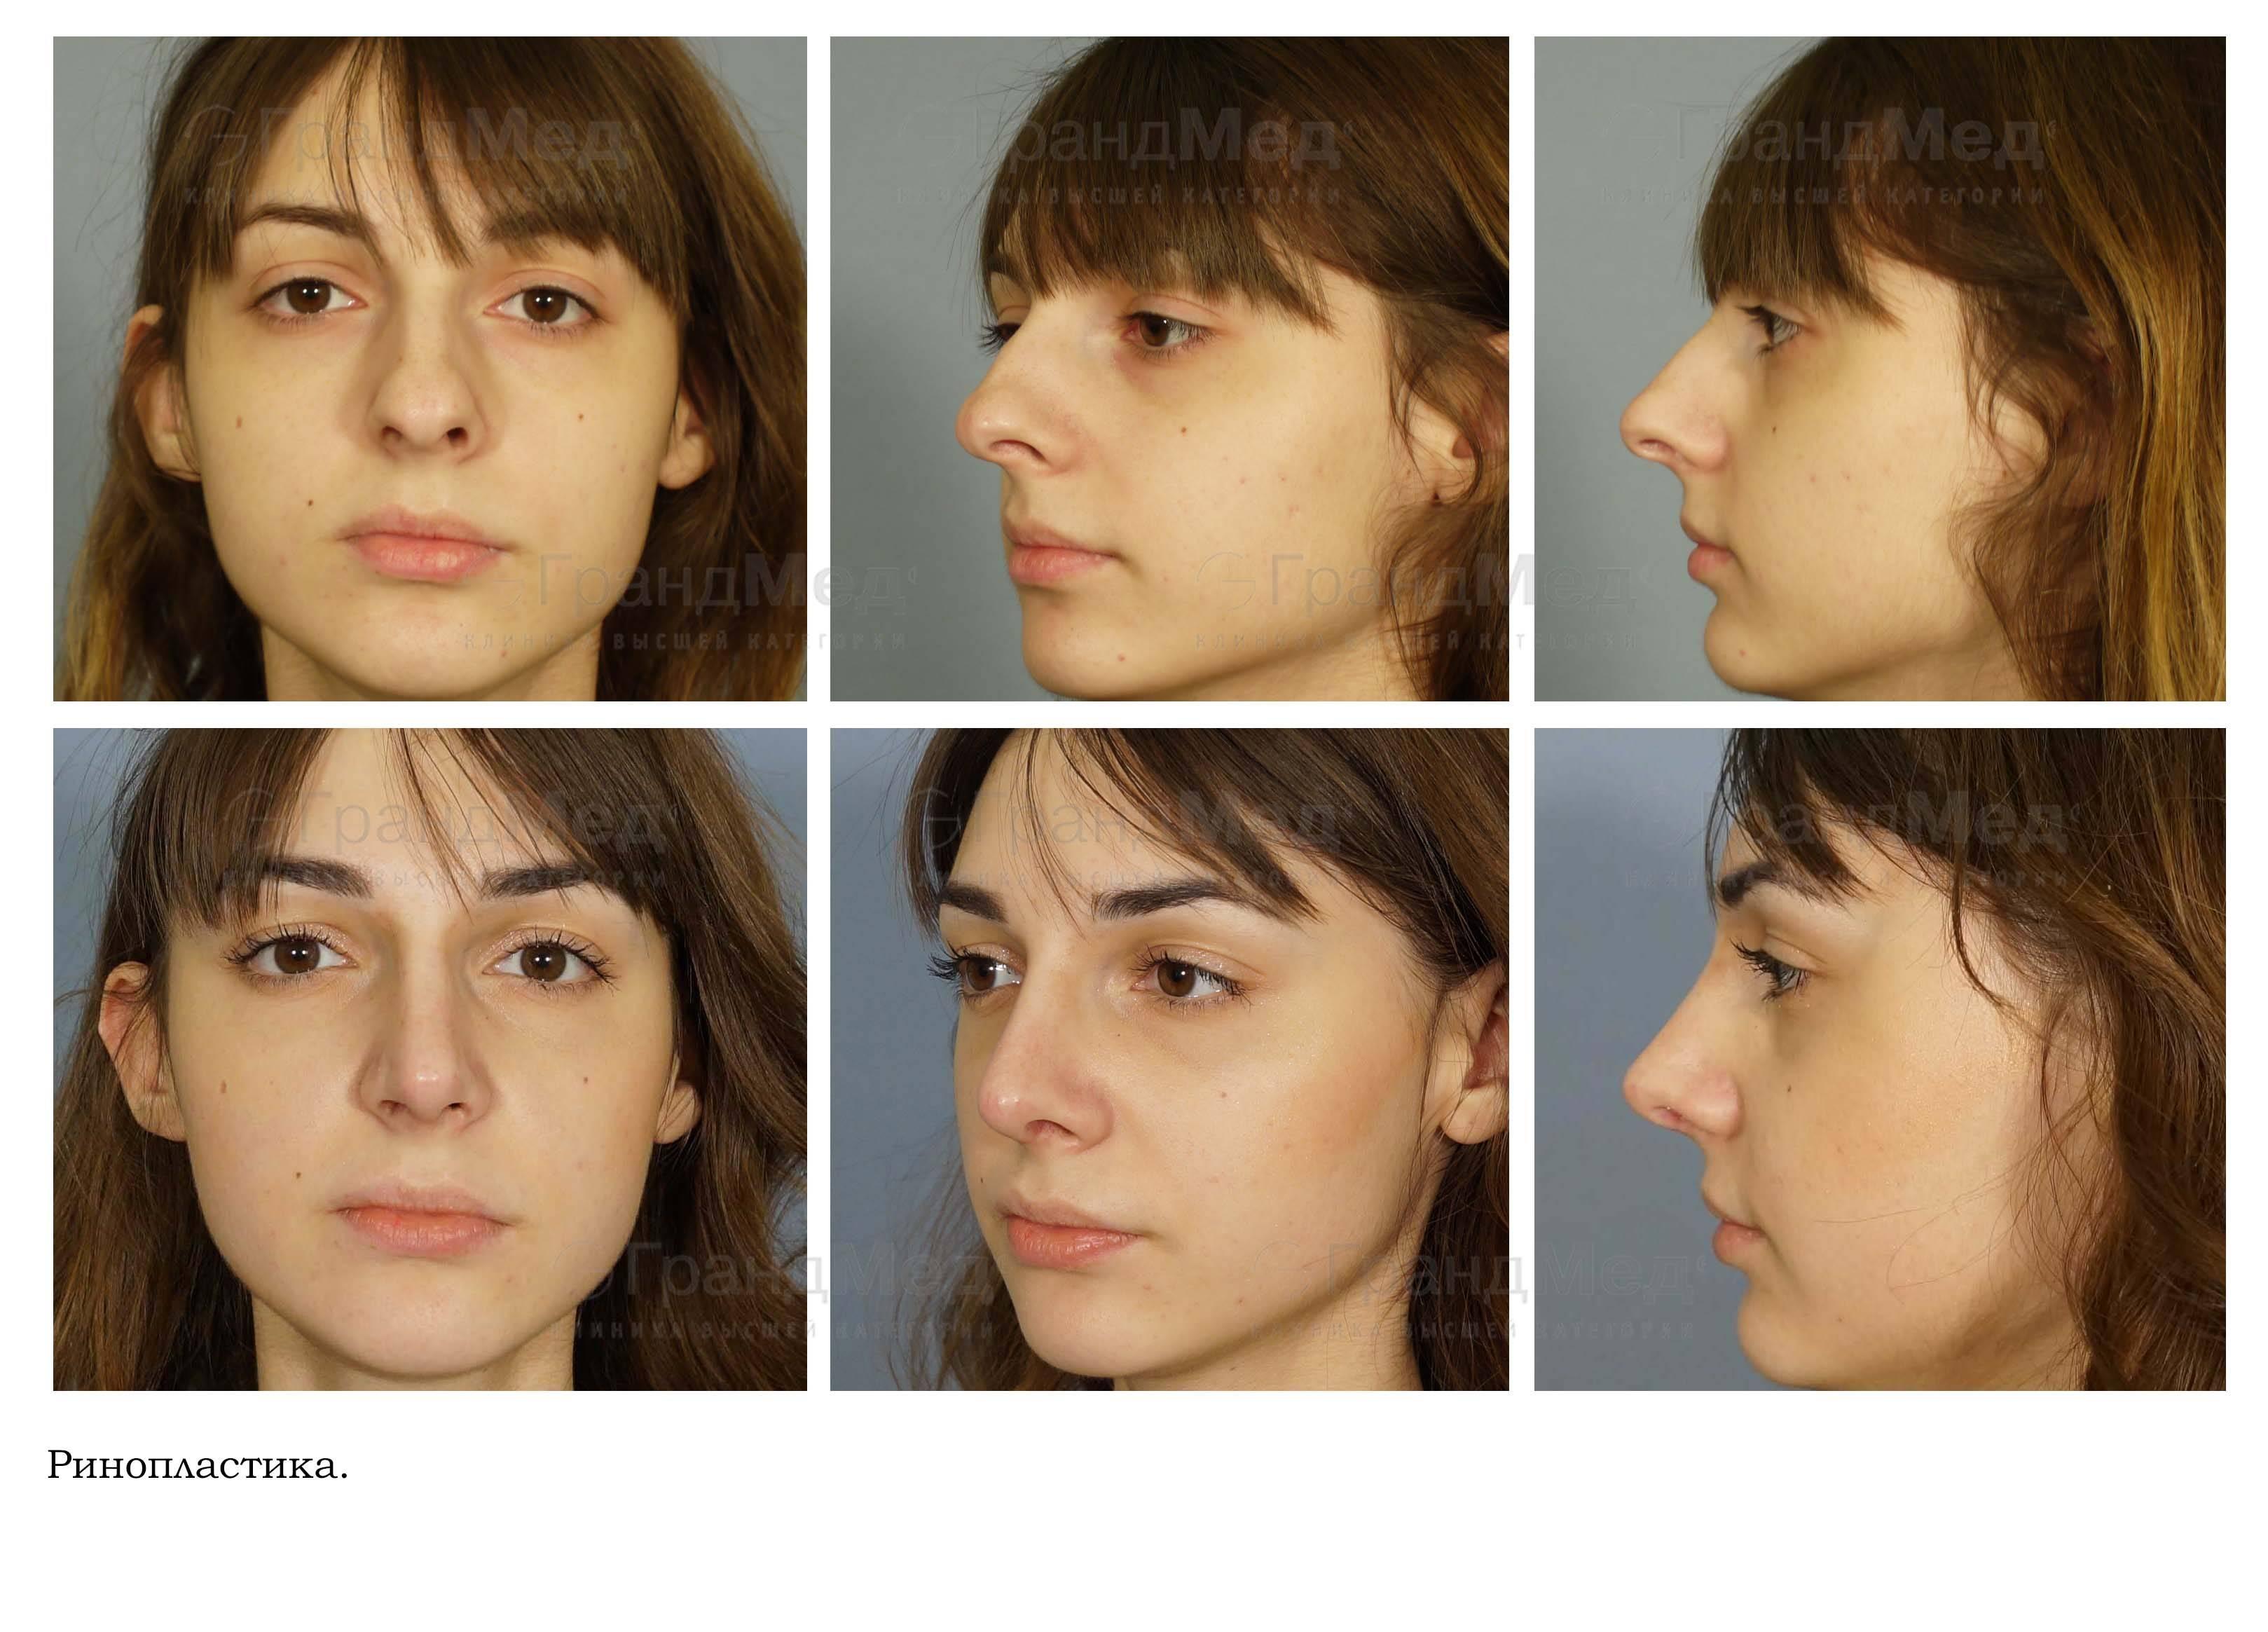 Ринопластика (операция на нос) в иране: всё, что вы должны знать